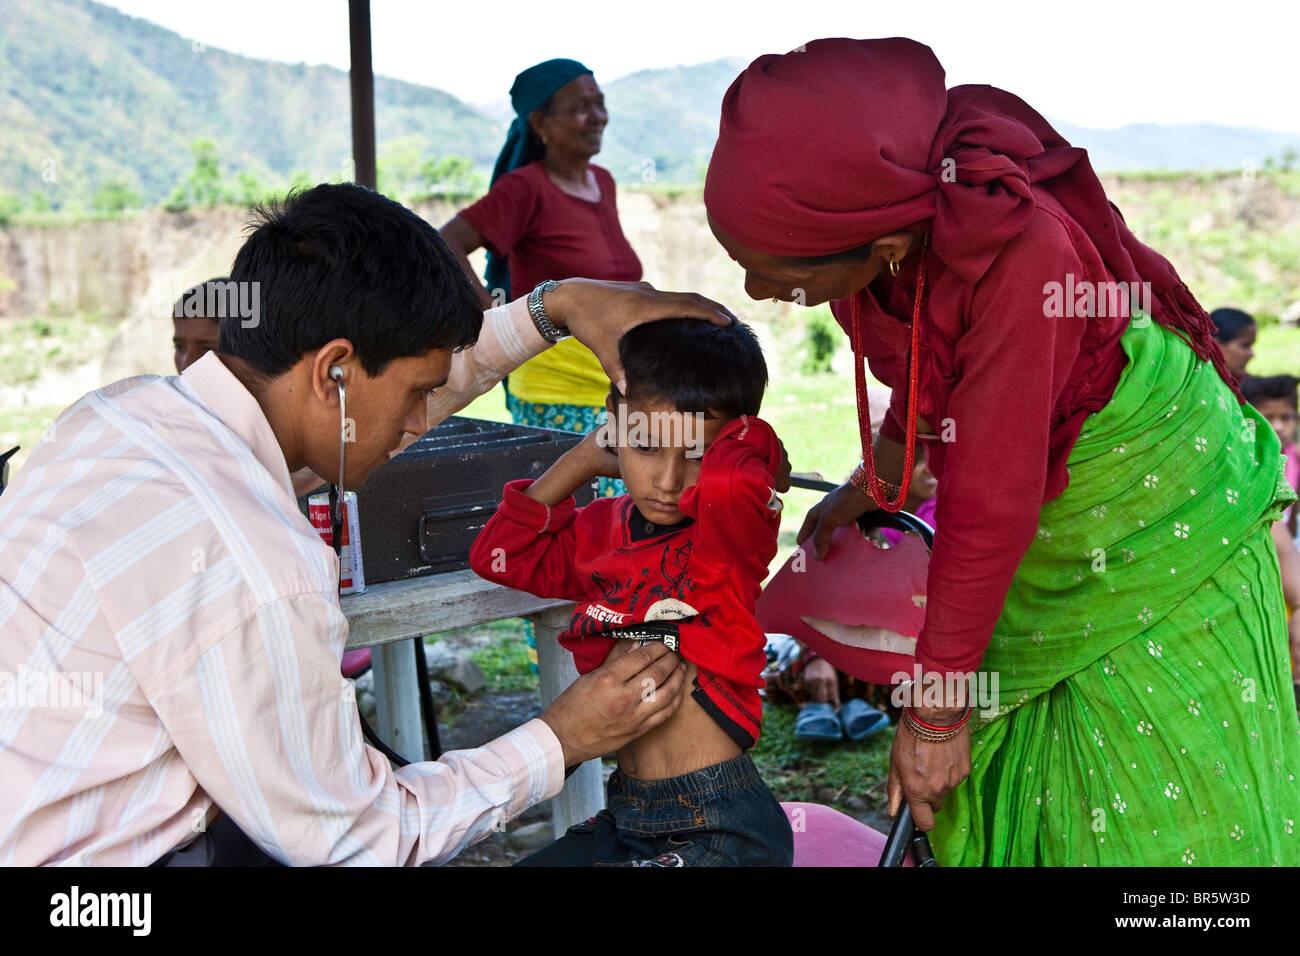 Medico controlla un bambino a Child Welfare Scheme Nepal (CWSN) mobile health clinic in Nepal. Immagini Stock